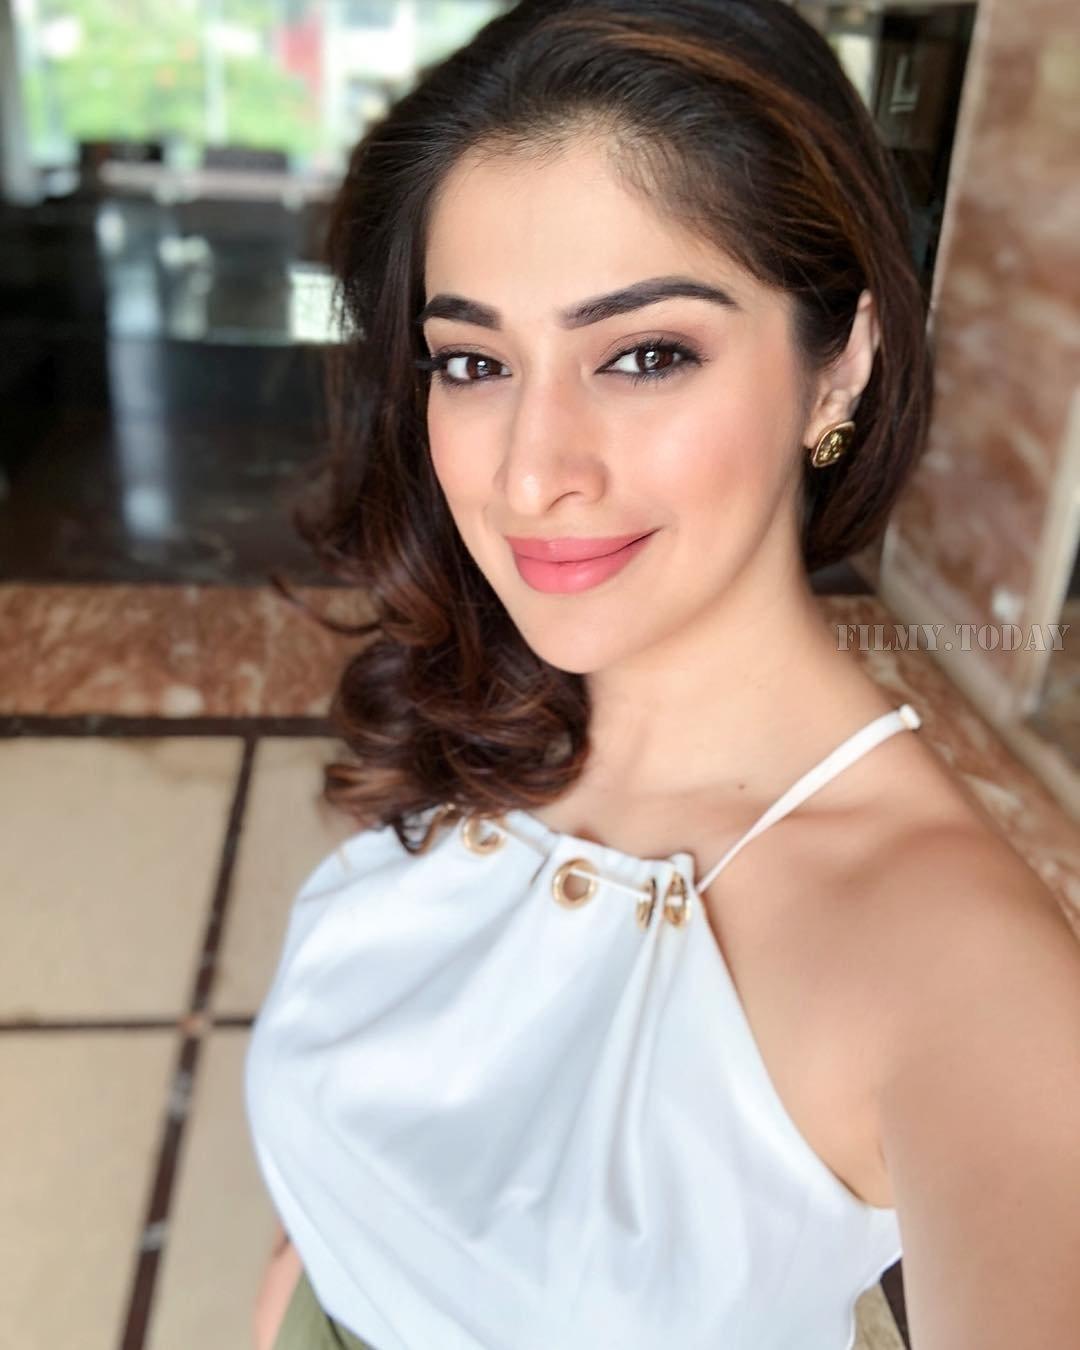 HD Photos & Wallpapers of Julie 2 HOT & Sexy actress Raai Laxmi